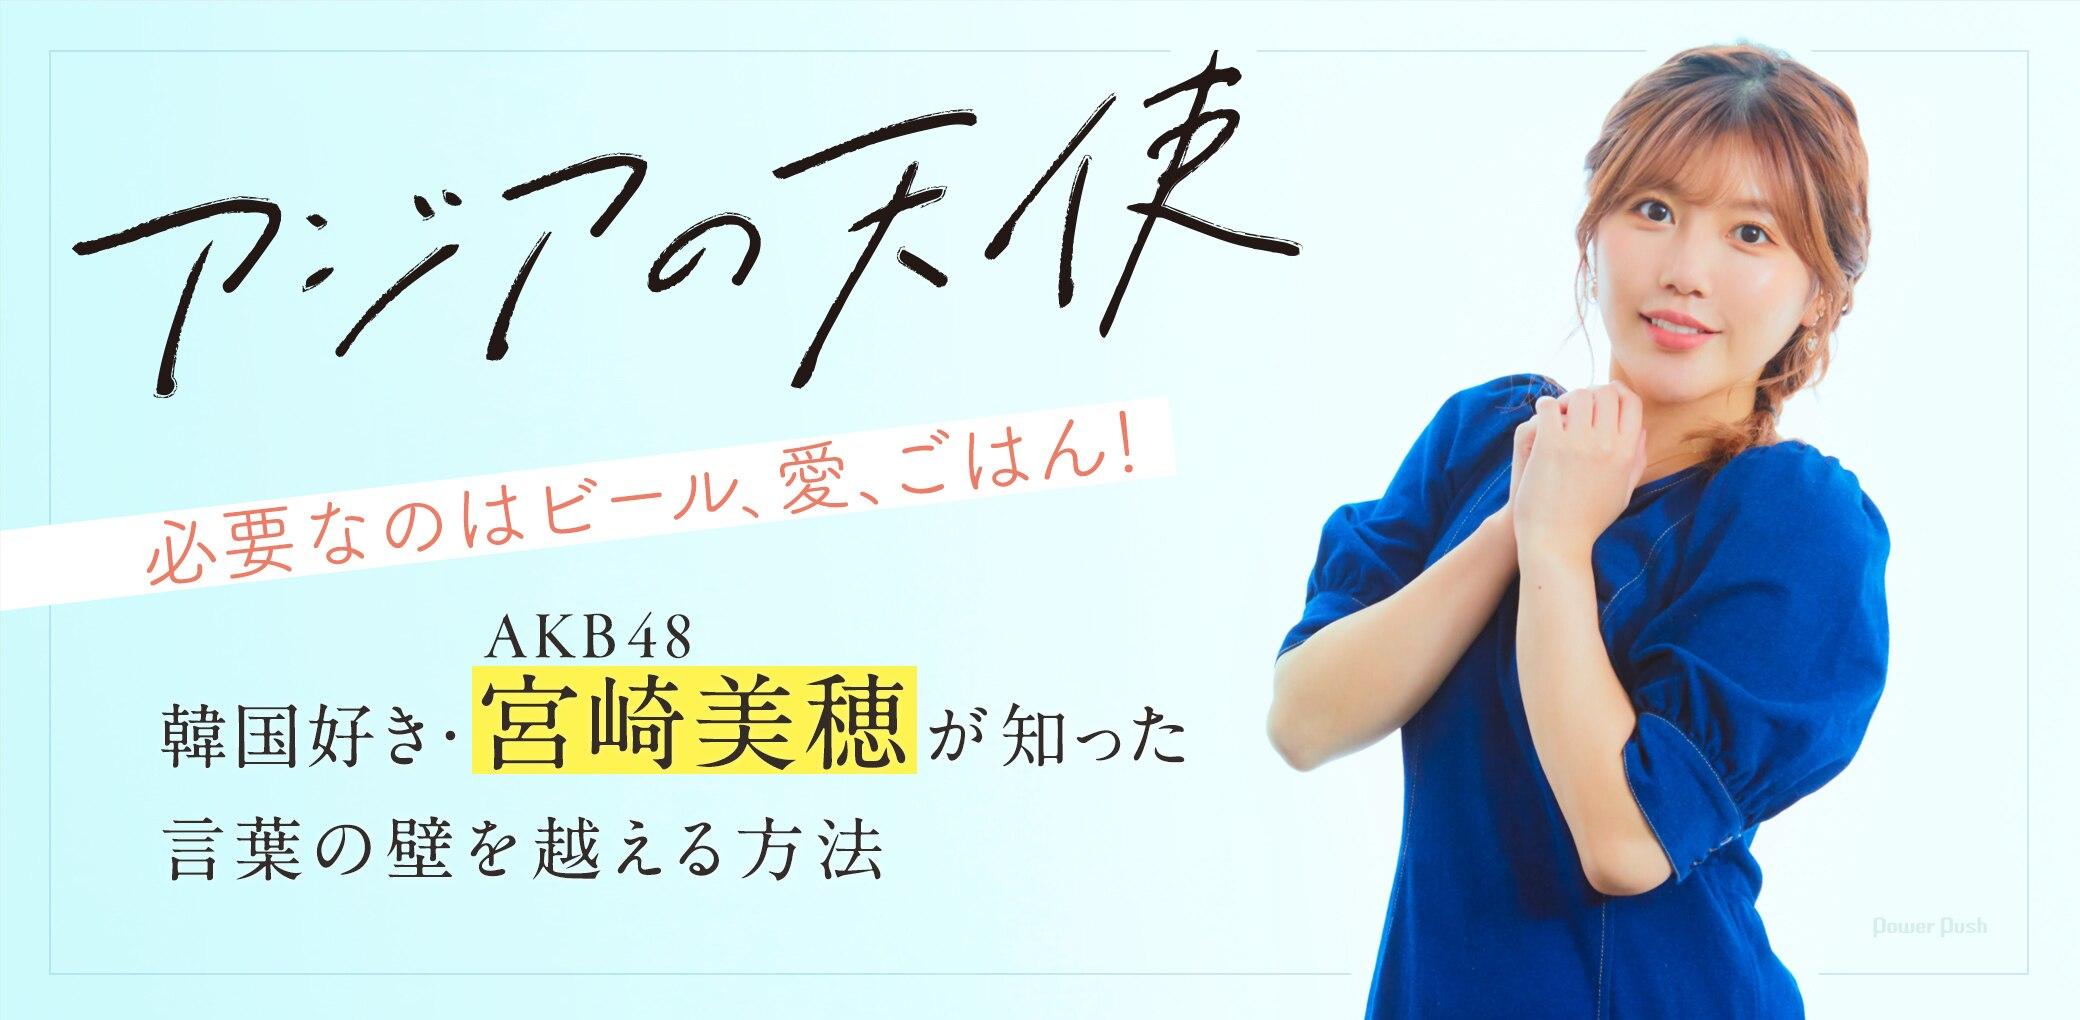 「アジアの天使」|必要なのはビール、愛、ごはん! 韓国好き・AKB48 宮崎美穂が知った言葉の壁を越える方法